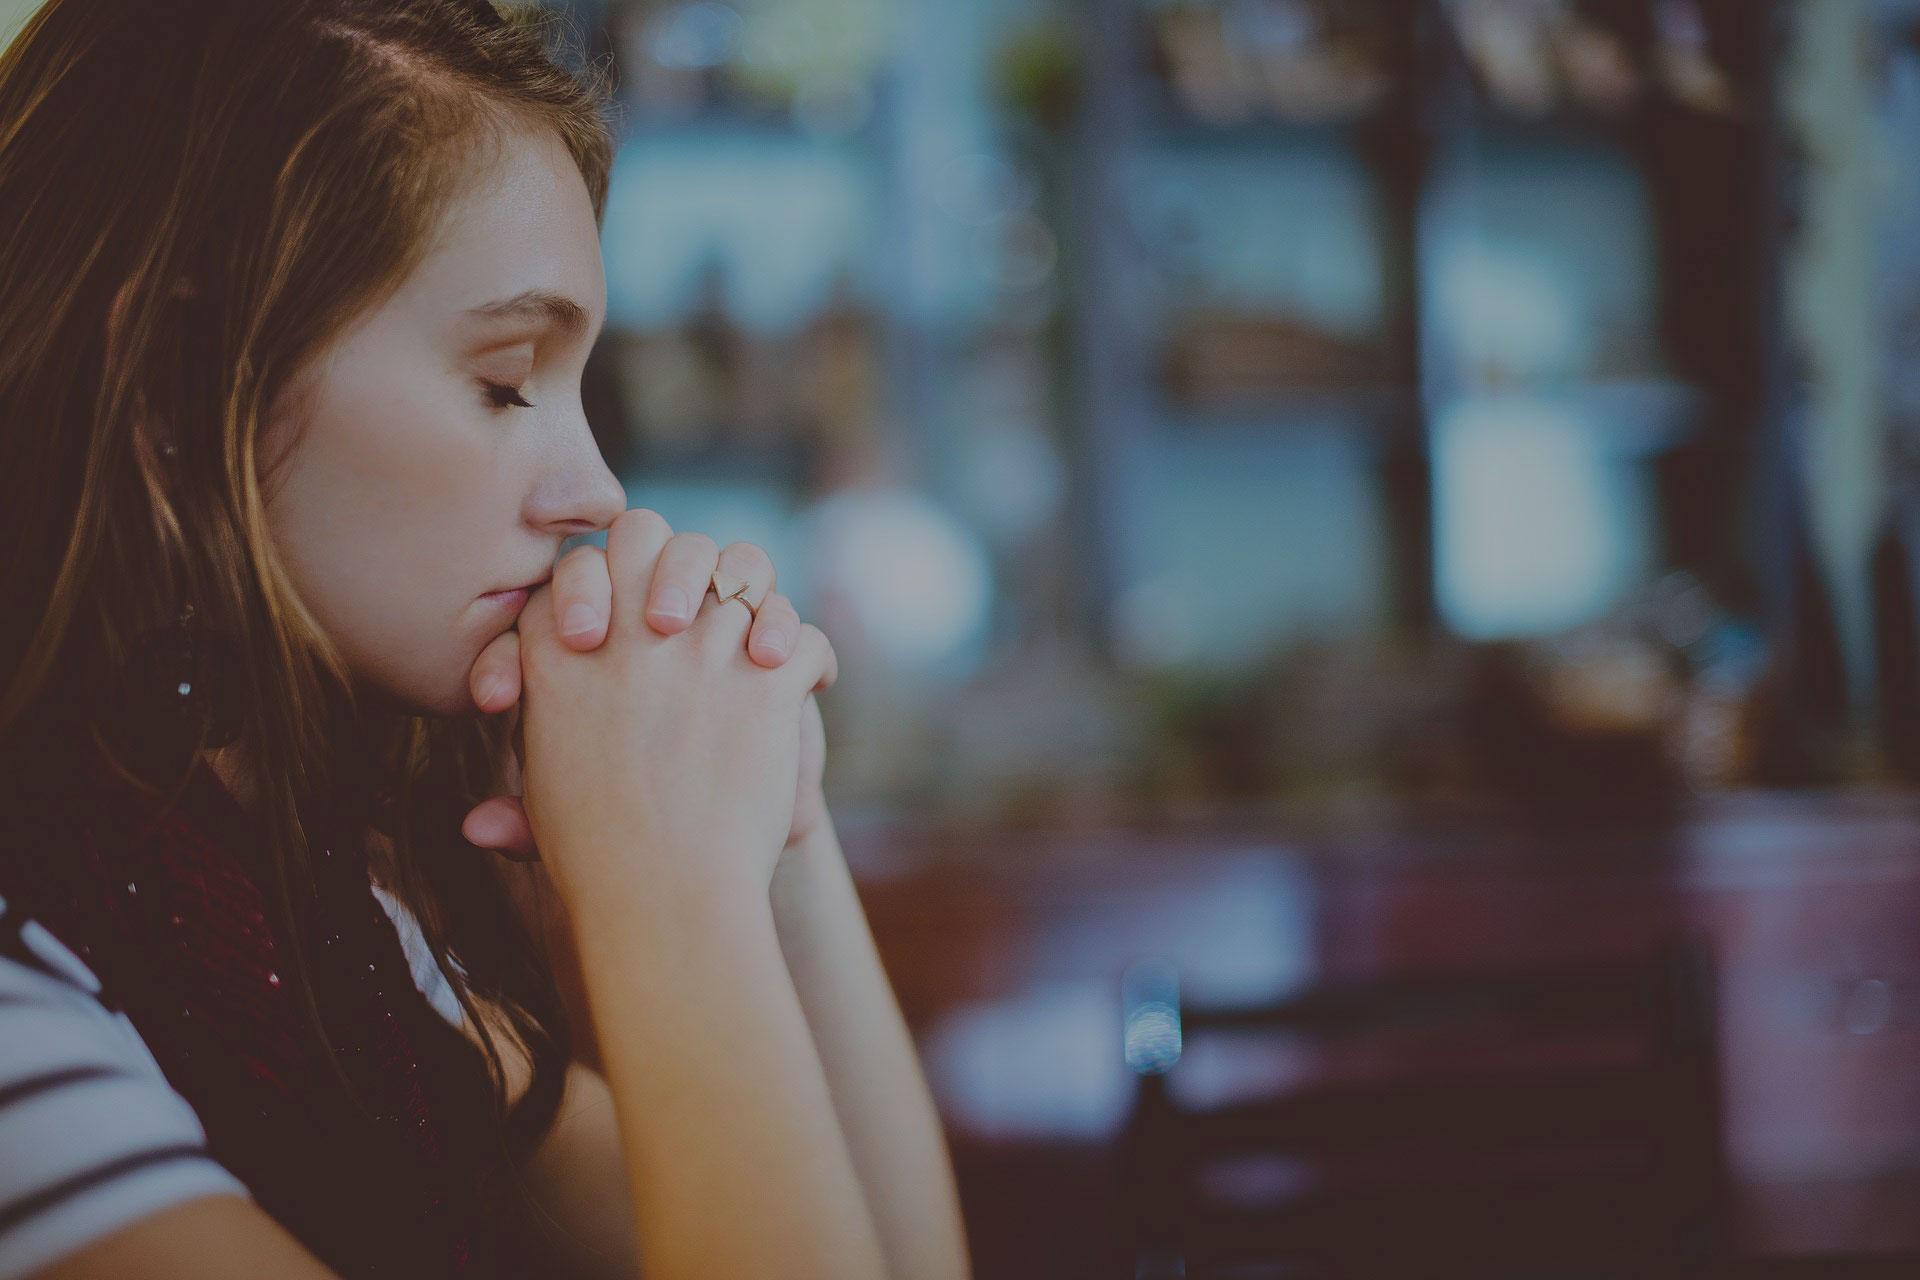 Jesus' prayer – Pardon